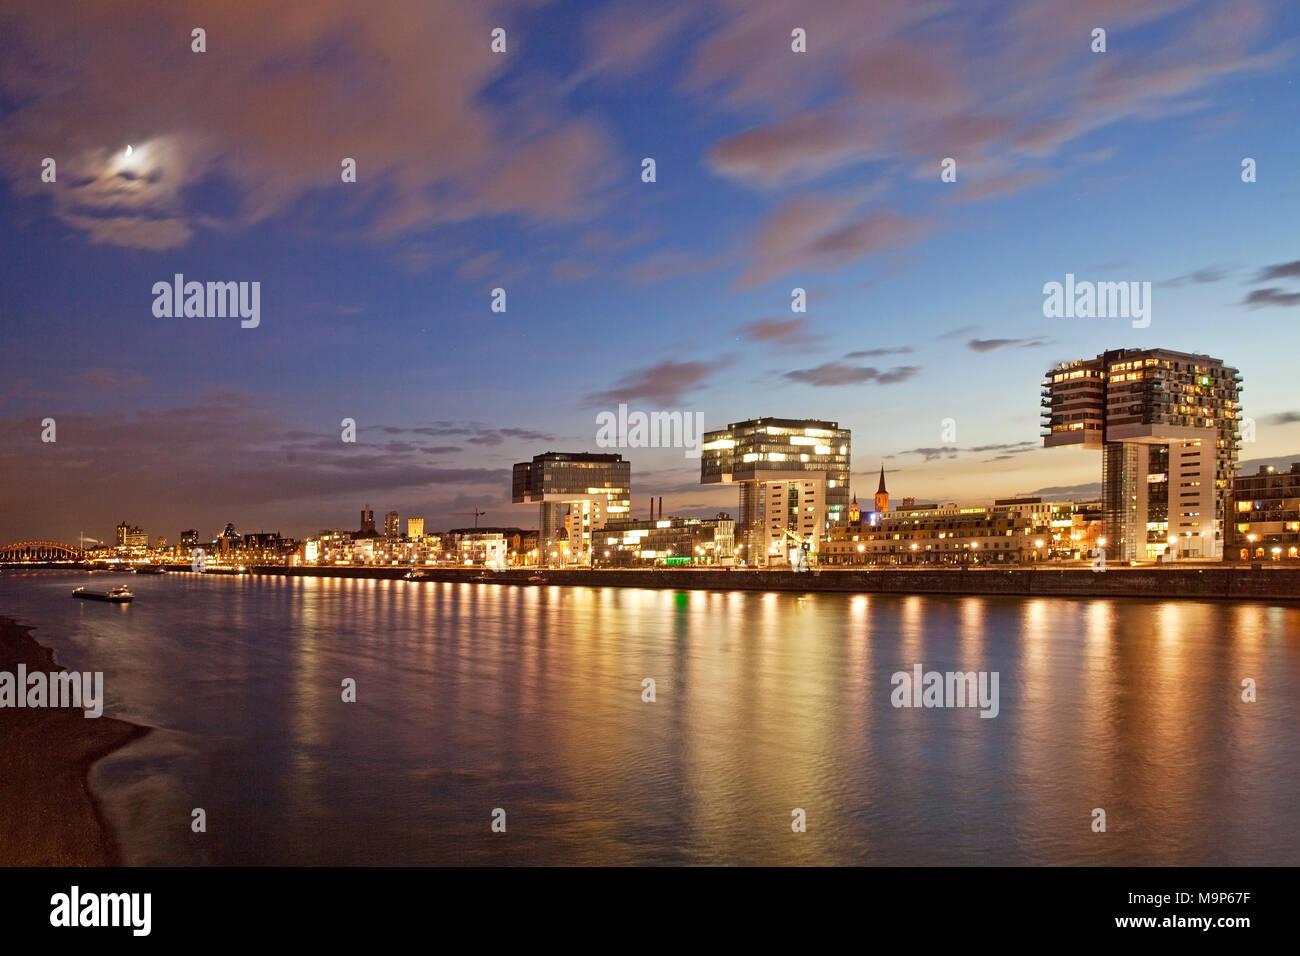 Kranhaeuser mit Rhein und Mond am Abend, Koeln, Rheinland, Nordrhein-Westfalen, Deutschland, Europa - Stock Image